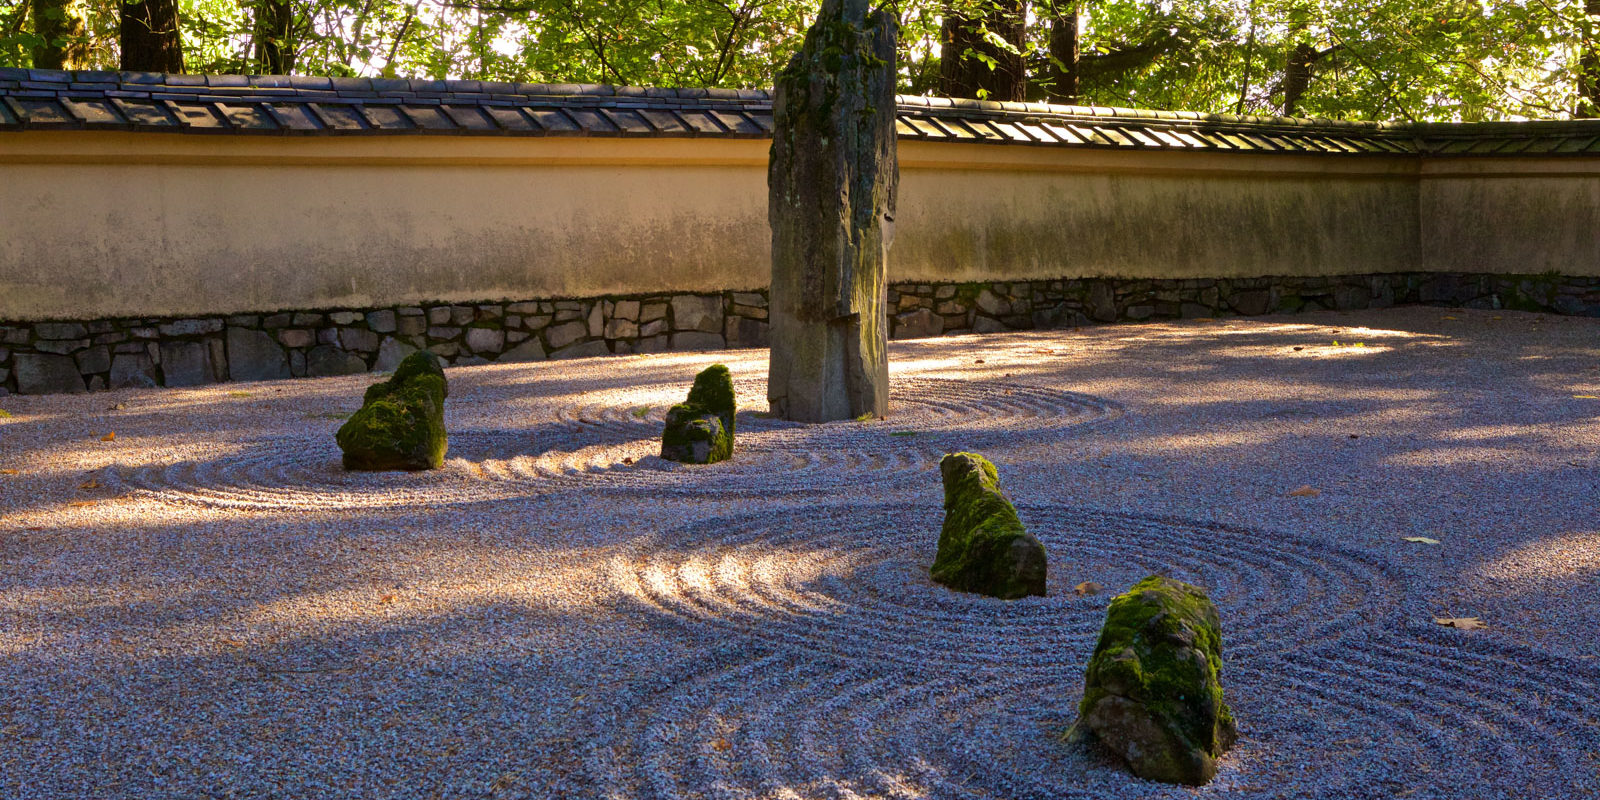 「ポートランド 日本庭園」の画像検索結果